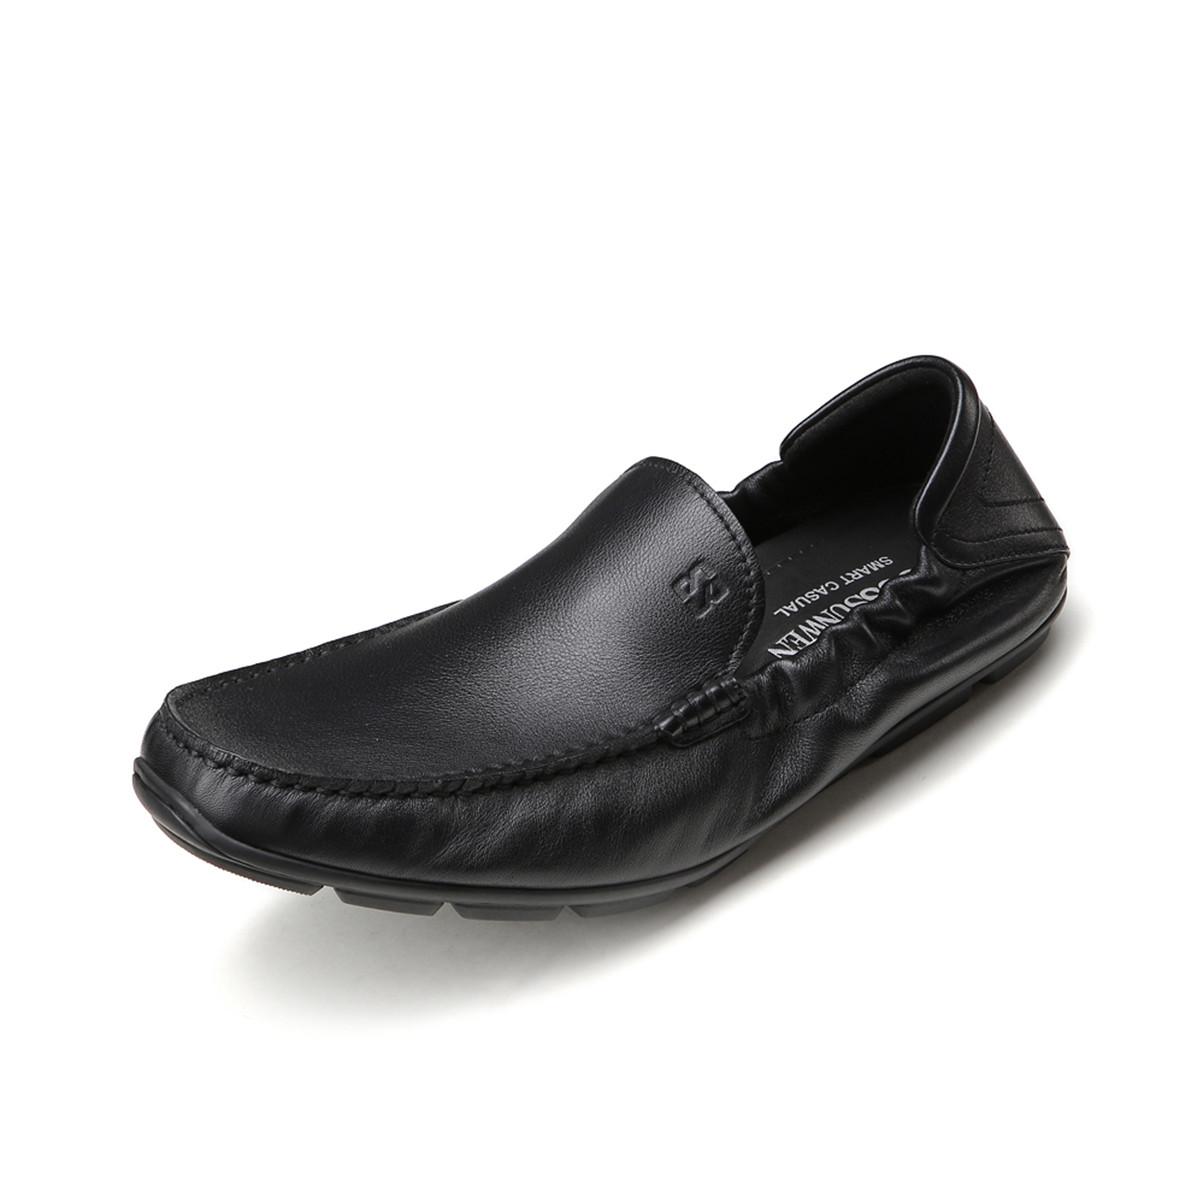 BOSSSUNWEN秋季新品牛皮轻便一脚蹬男款男士商务皮鞋男皮鞋男士男鞋31811010406791